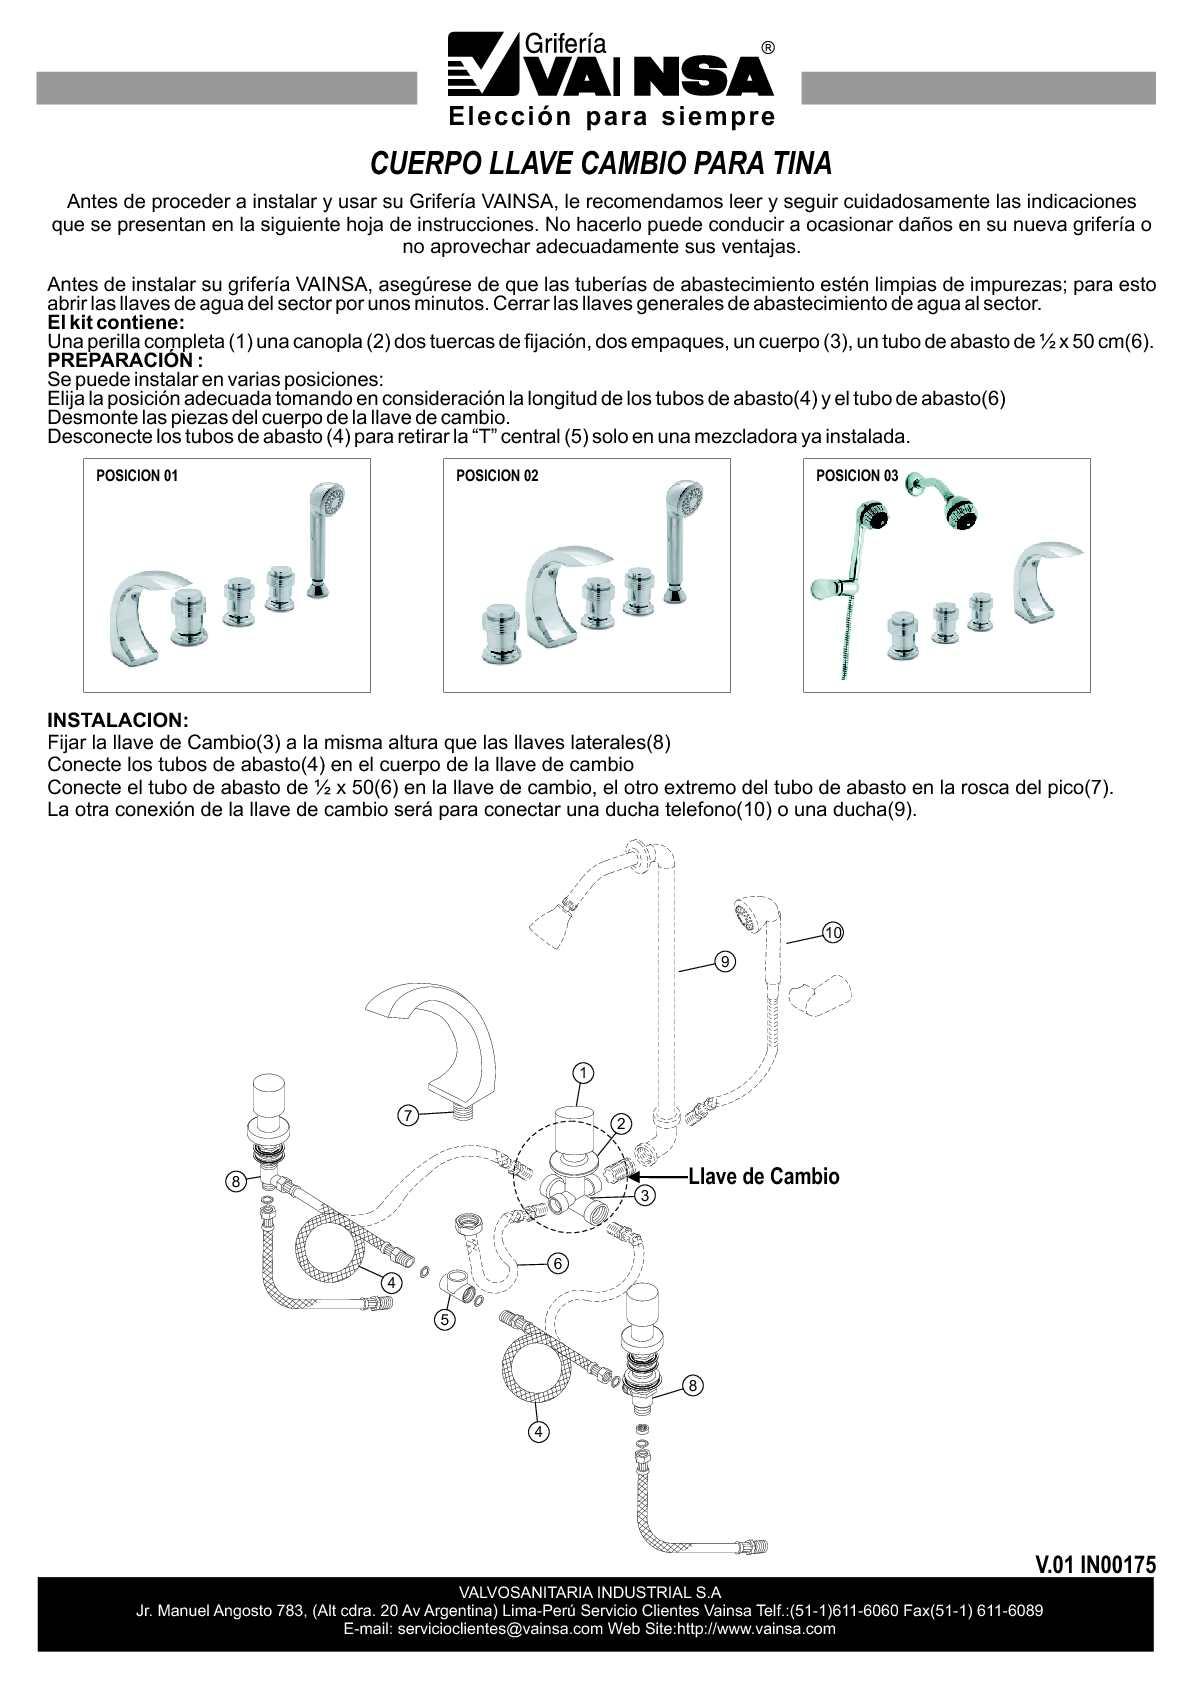 Calam o vainsa cuerpo llave cambio para tina in00175 for Como poner una llave de regadera